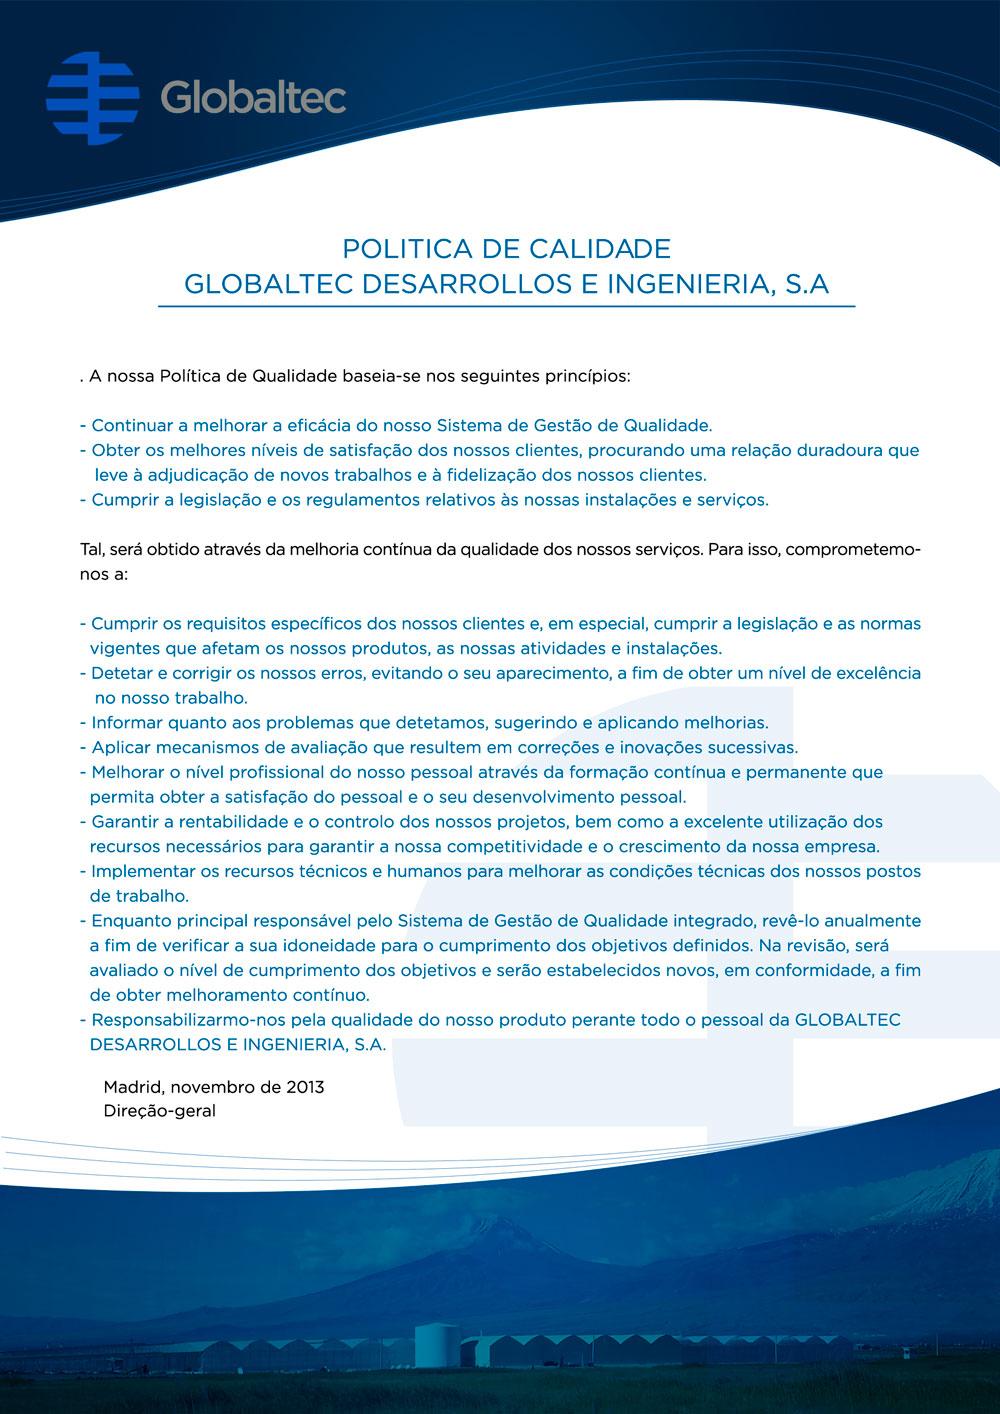 politicadecalidad-pt